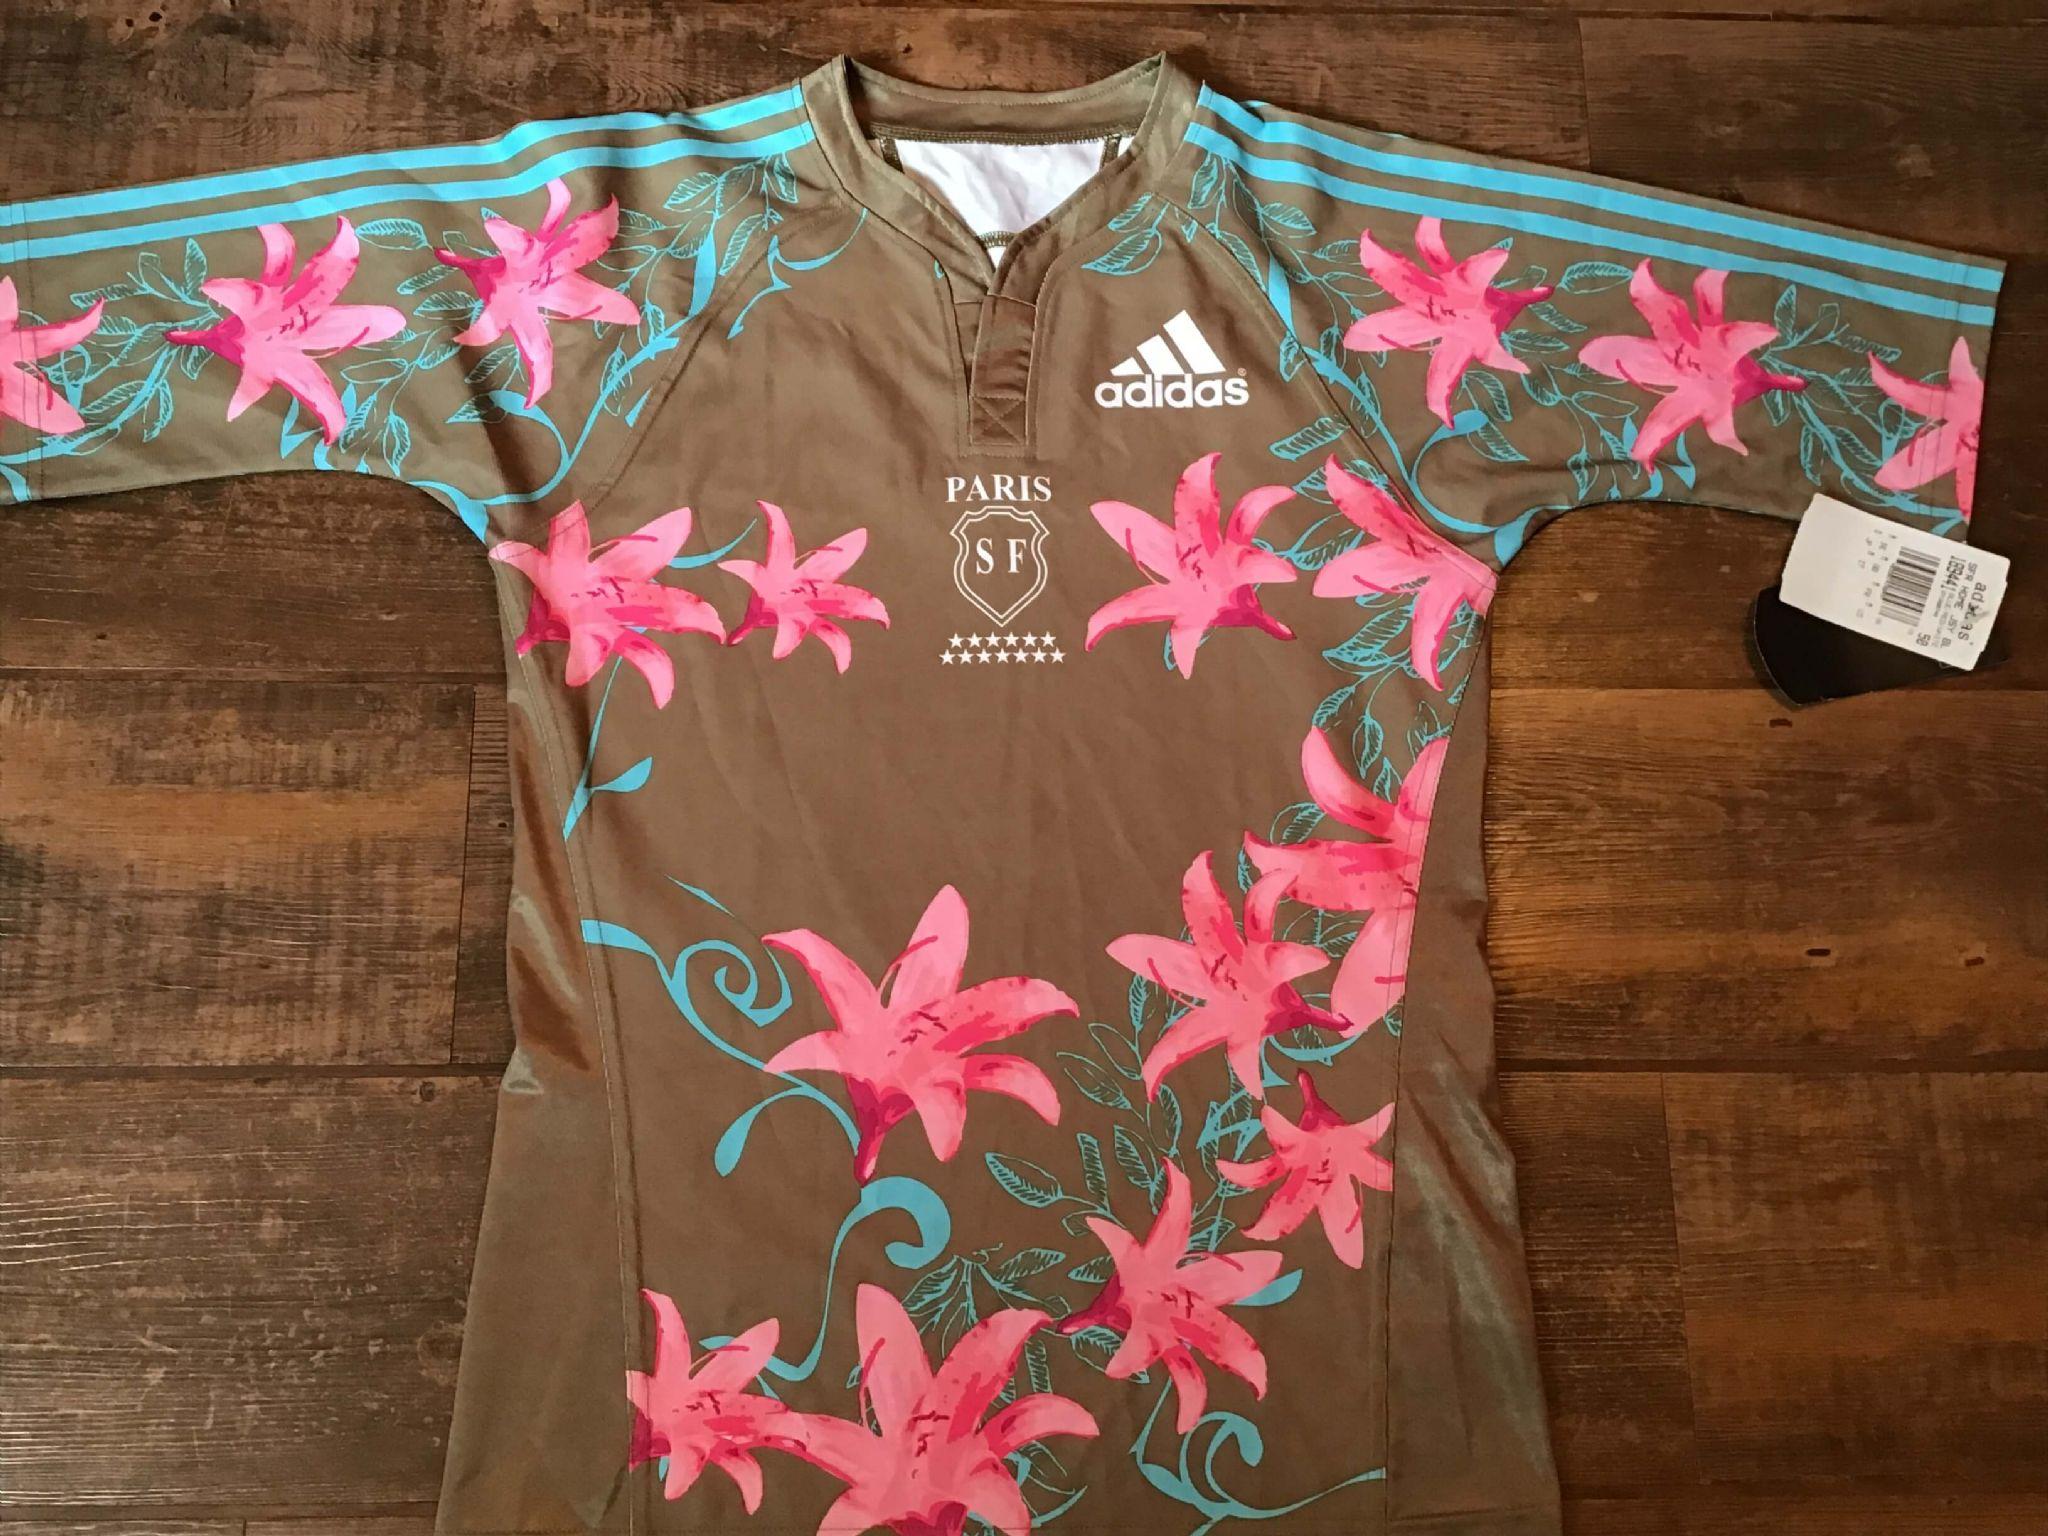 Benetton Rugby Shirt-Blanc-Royal Bleu-Bnwt